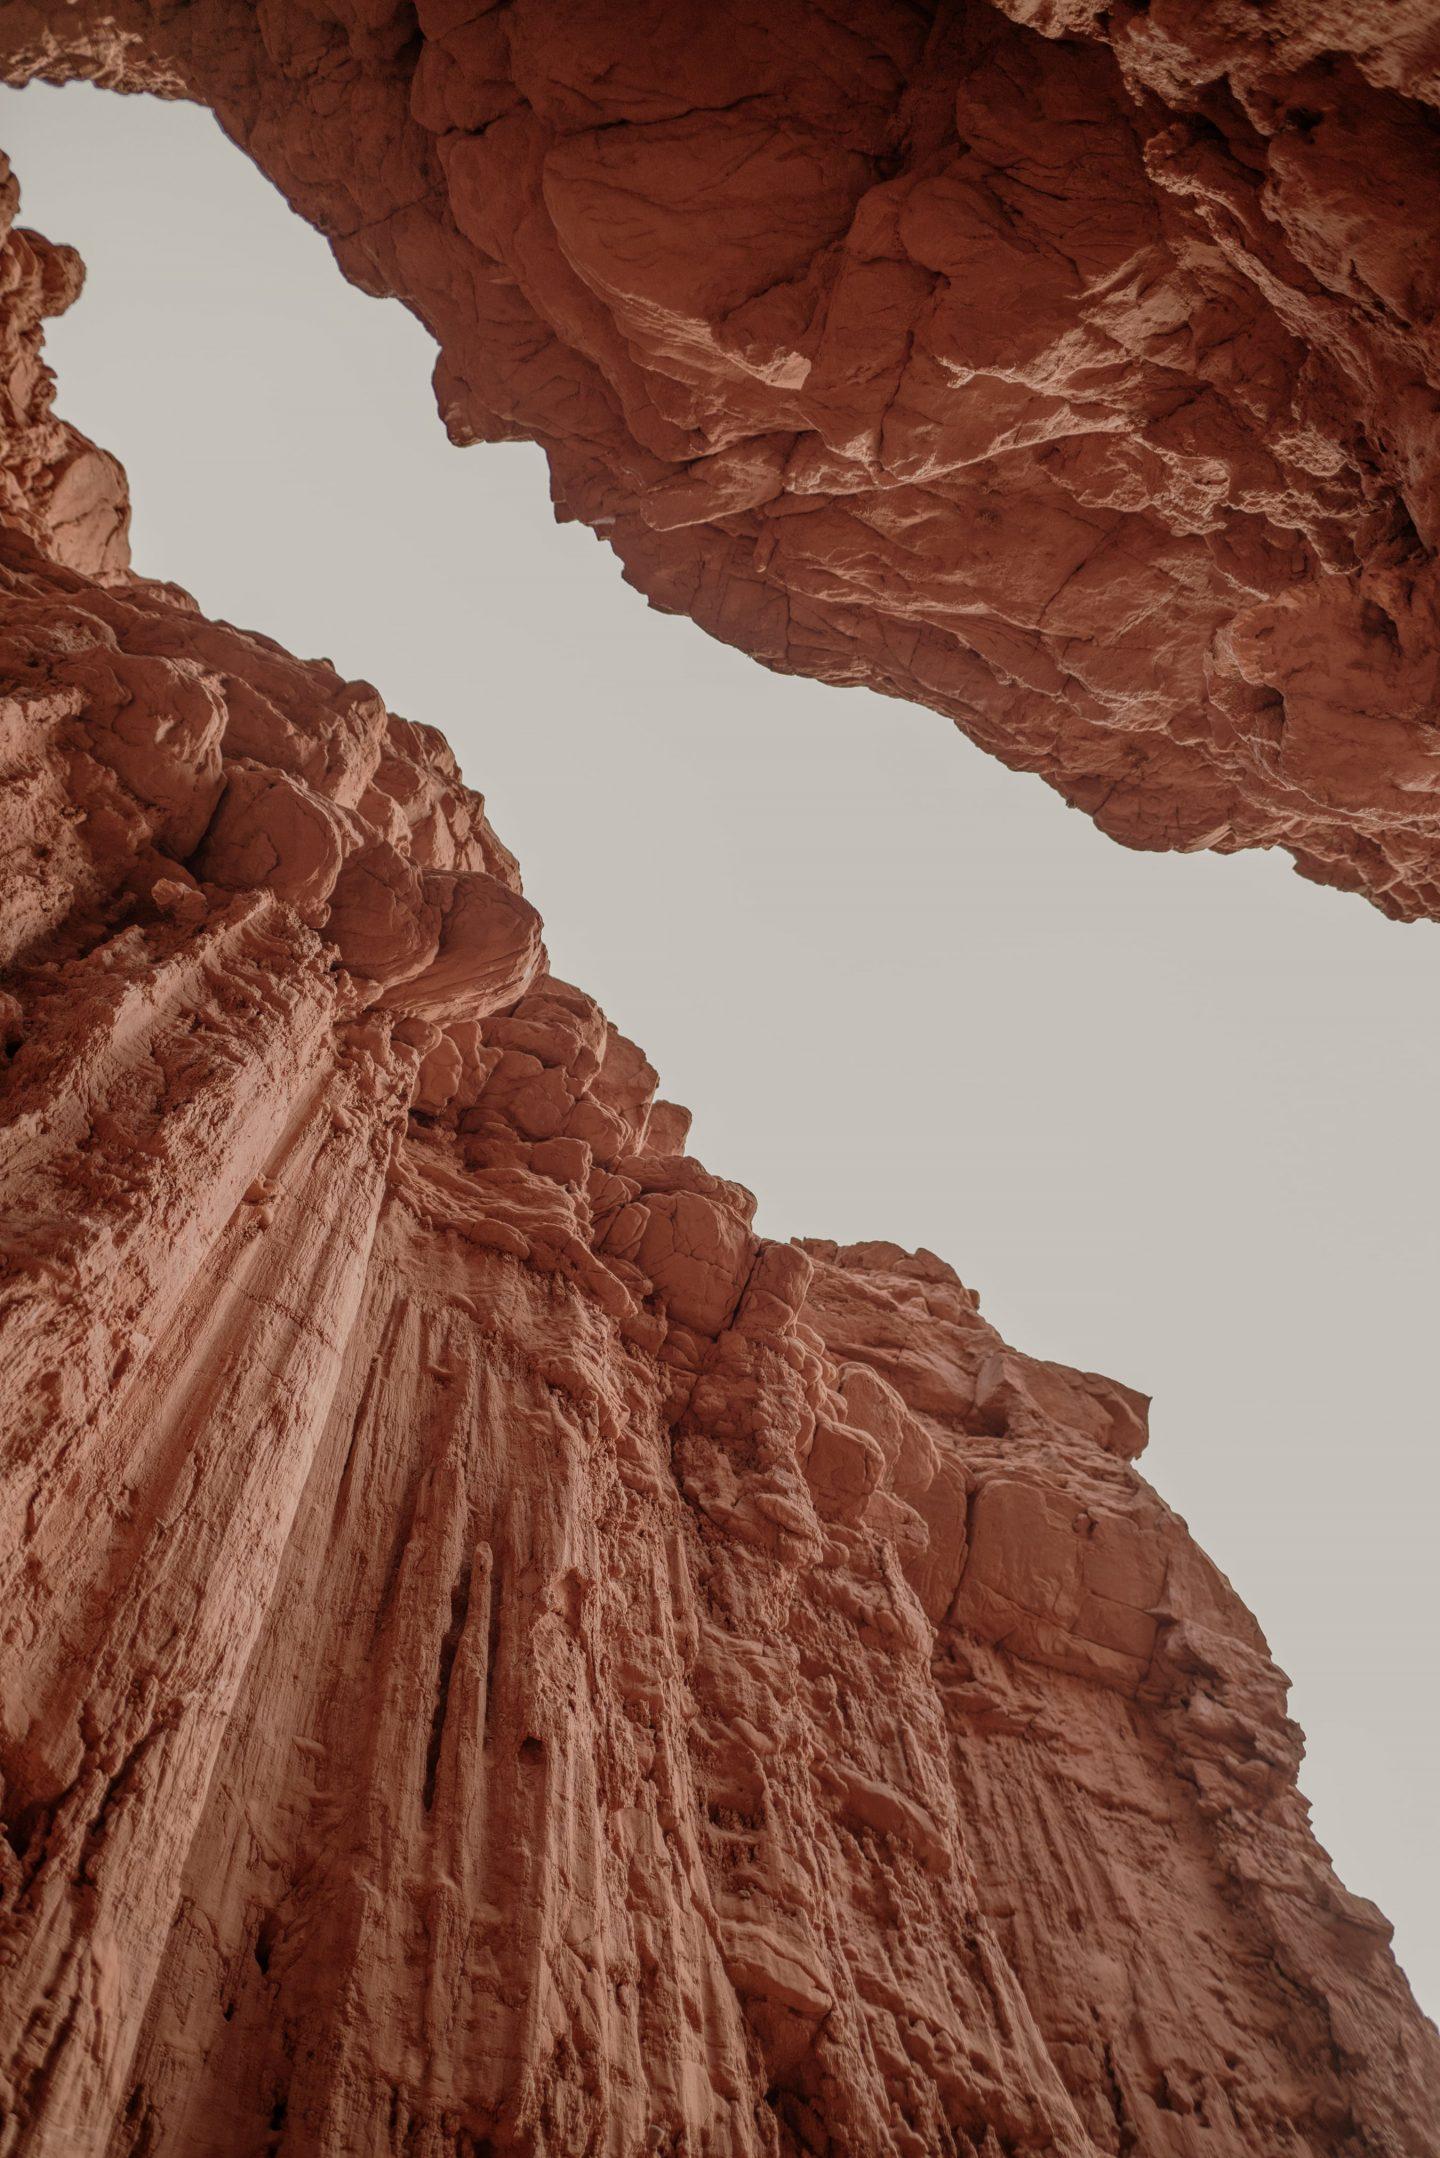 IGNANT-Photography-Landscape-HoracioReyePaez-17